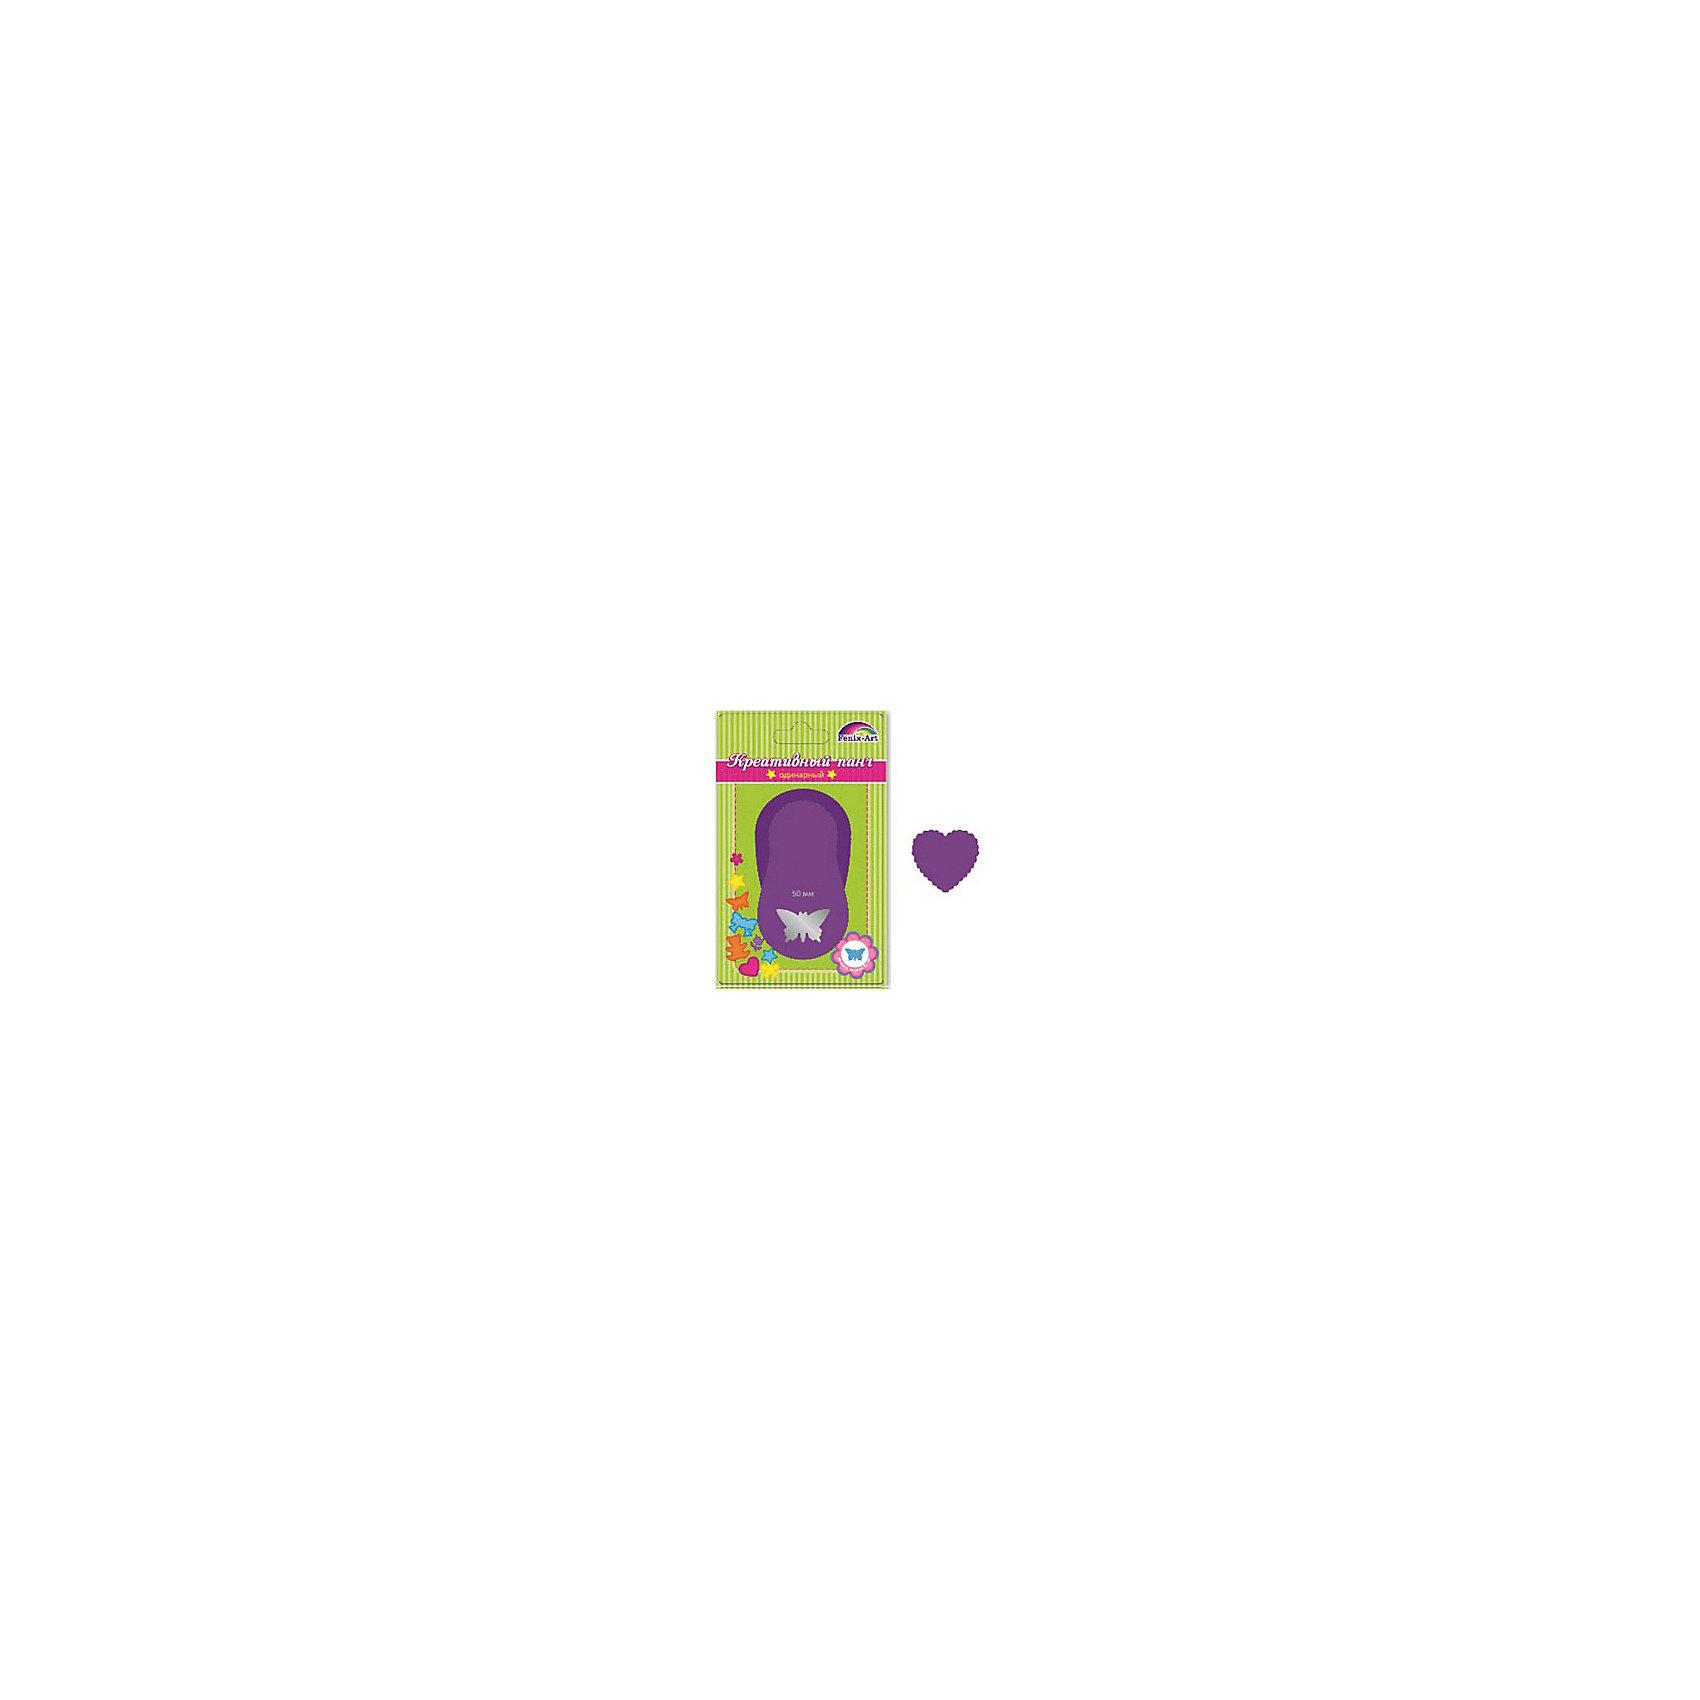 Панч-дырокол одинарный 50 мм Сердечко Феникс+Бумага<br>Панч-дырокол одинарный СЕРДЕЧКО/50 (размер рисунка 50мм, размер панча 112х67х79, сиреневый цвет, в блистере)<br><br>Ширина мм: 180<br>Глубина мм: 110<br>Высота мм: 90<br>Вес г: 325<br>Возраст от месяцев: 72<br>Возраст до месяцев: 2147483647<br>Пол: Унисекс<br>Возраст: Детский<br>SKU: 7046285